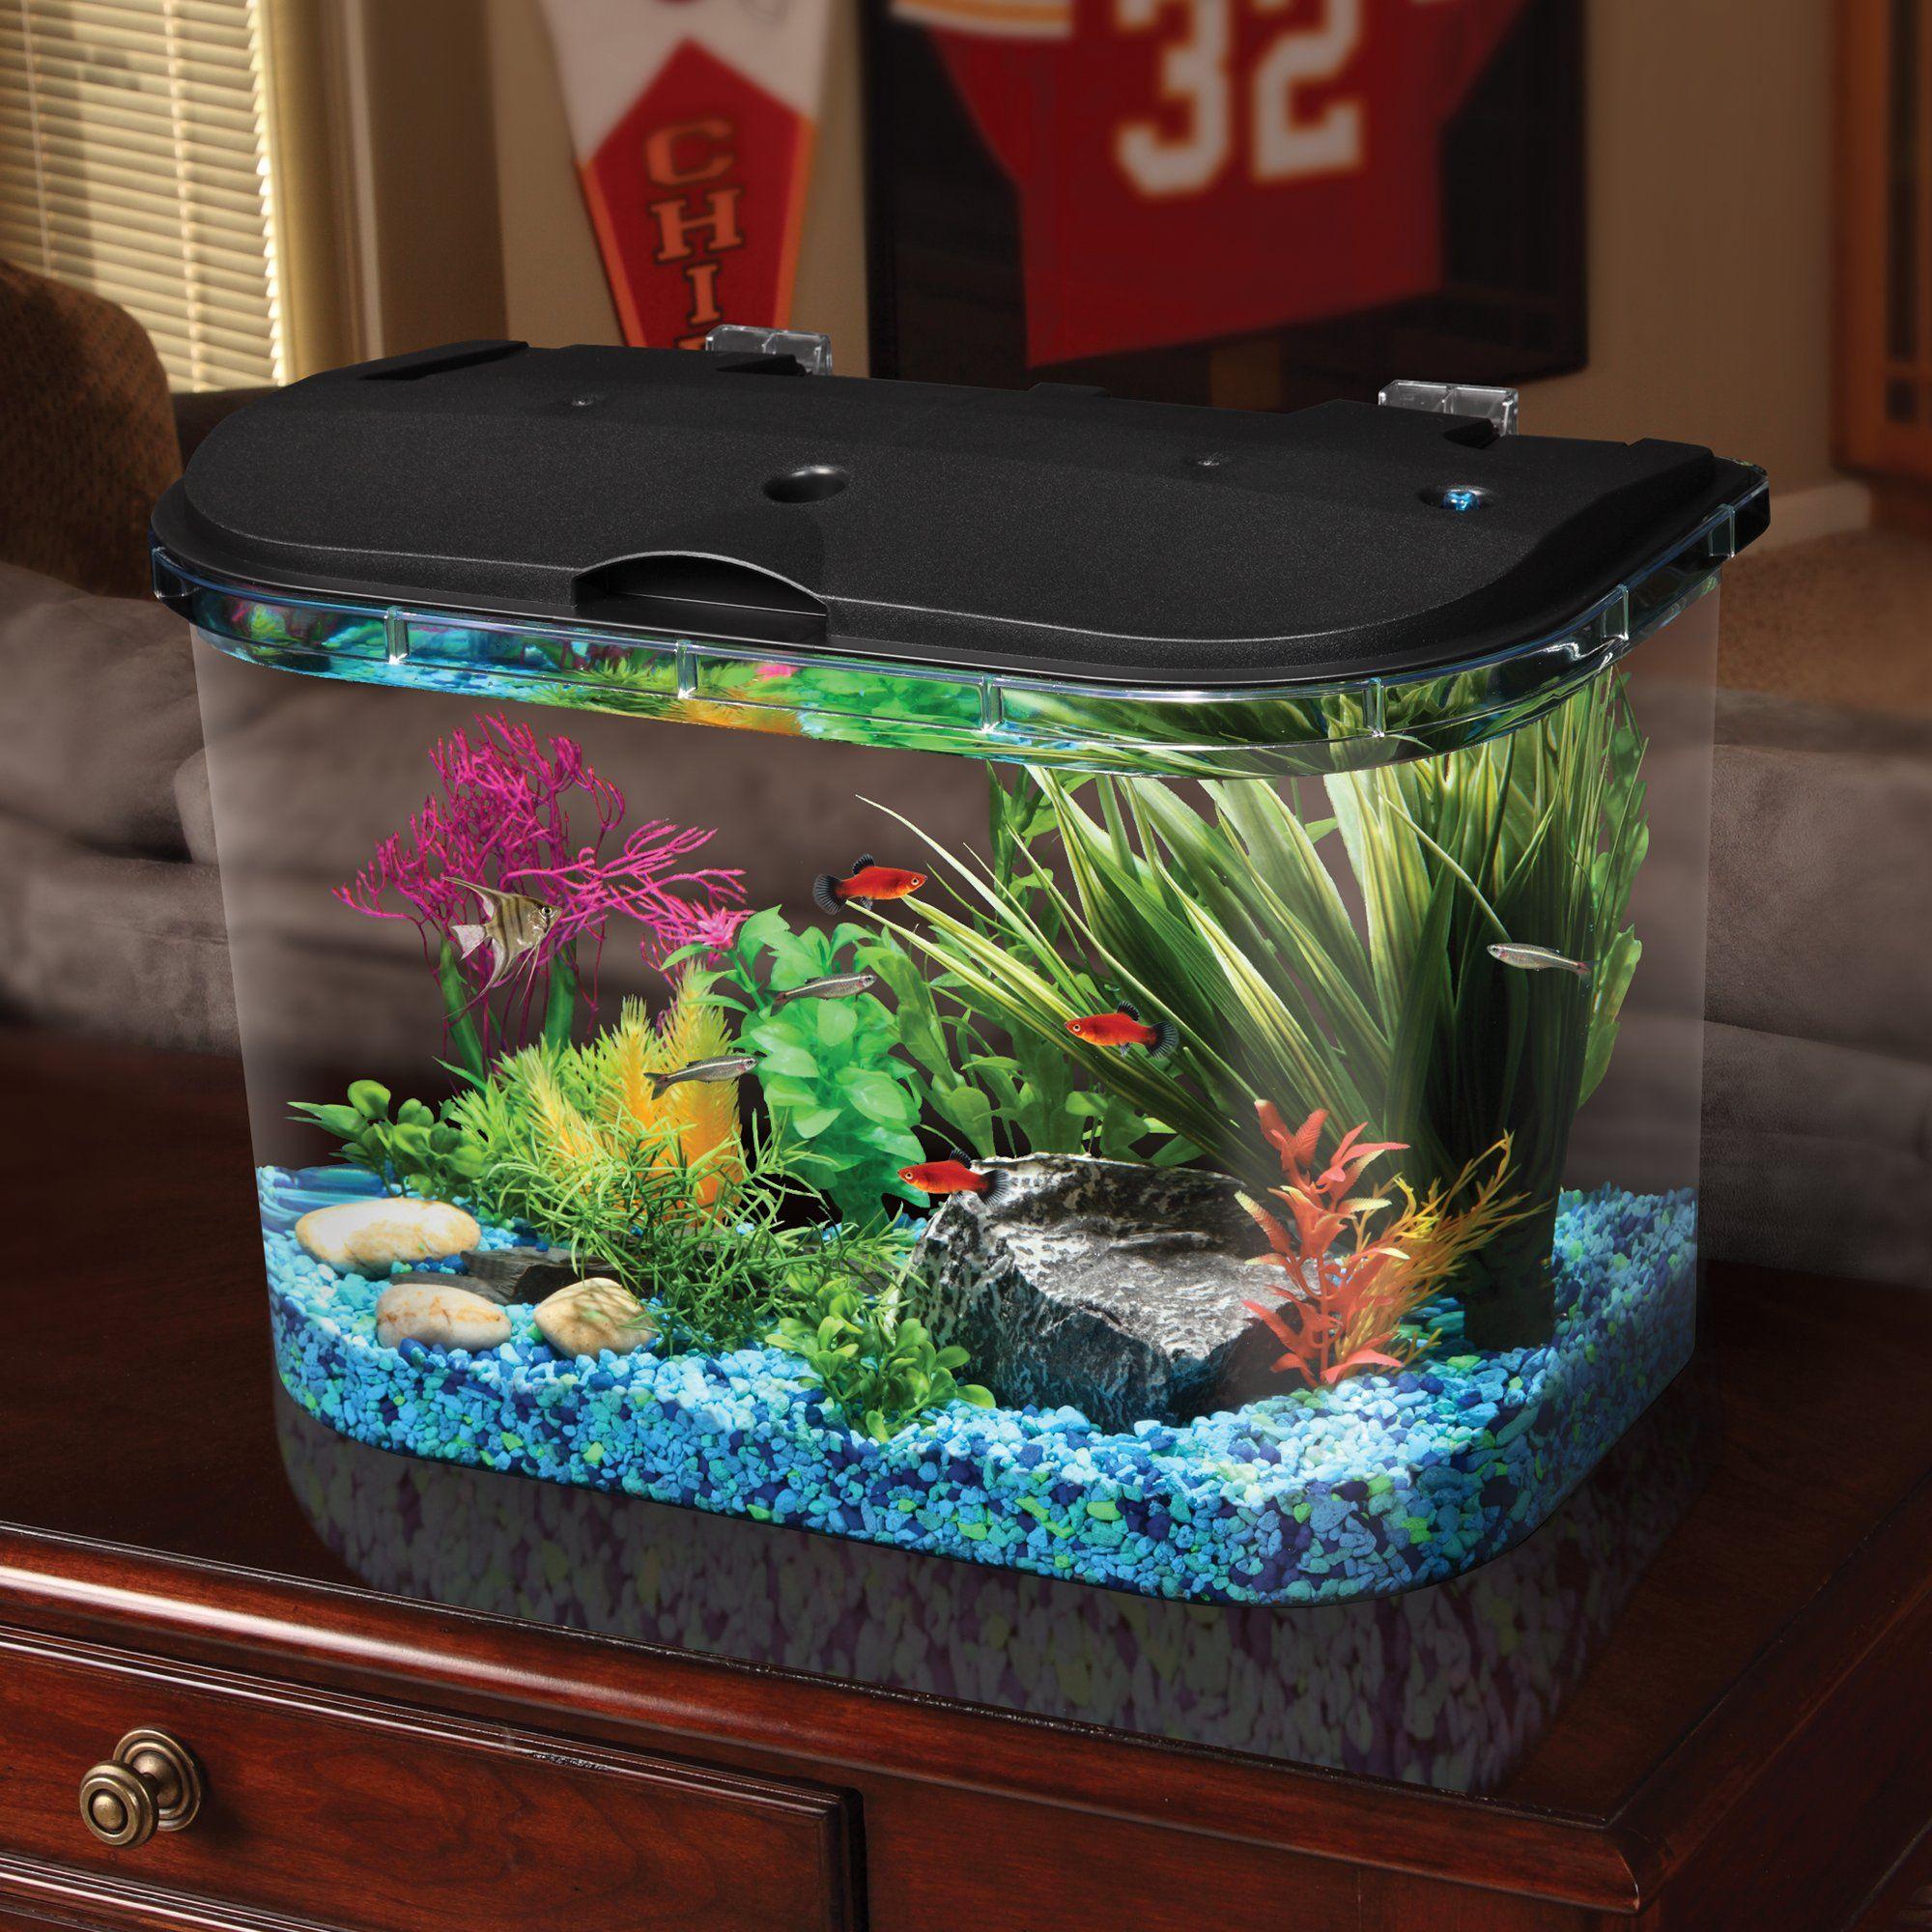 Imagitarium freshwater aquarium freshwater aquarium for Petco fish filters